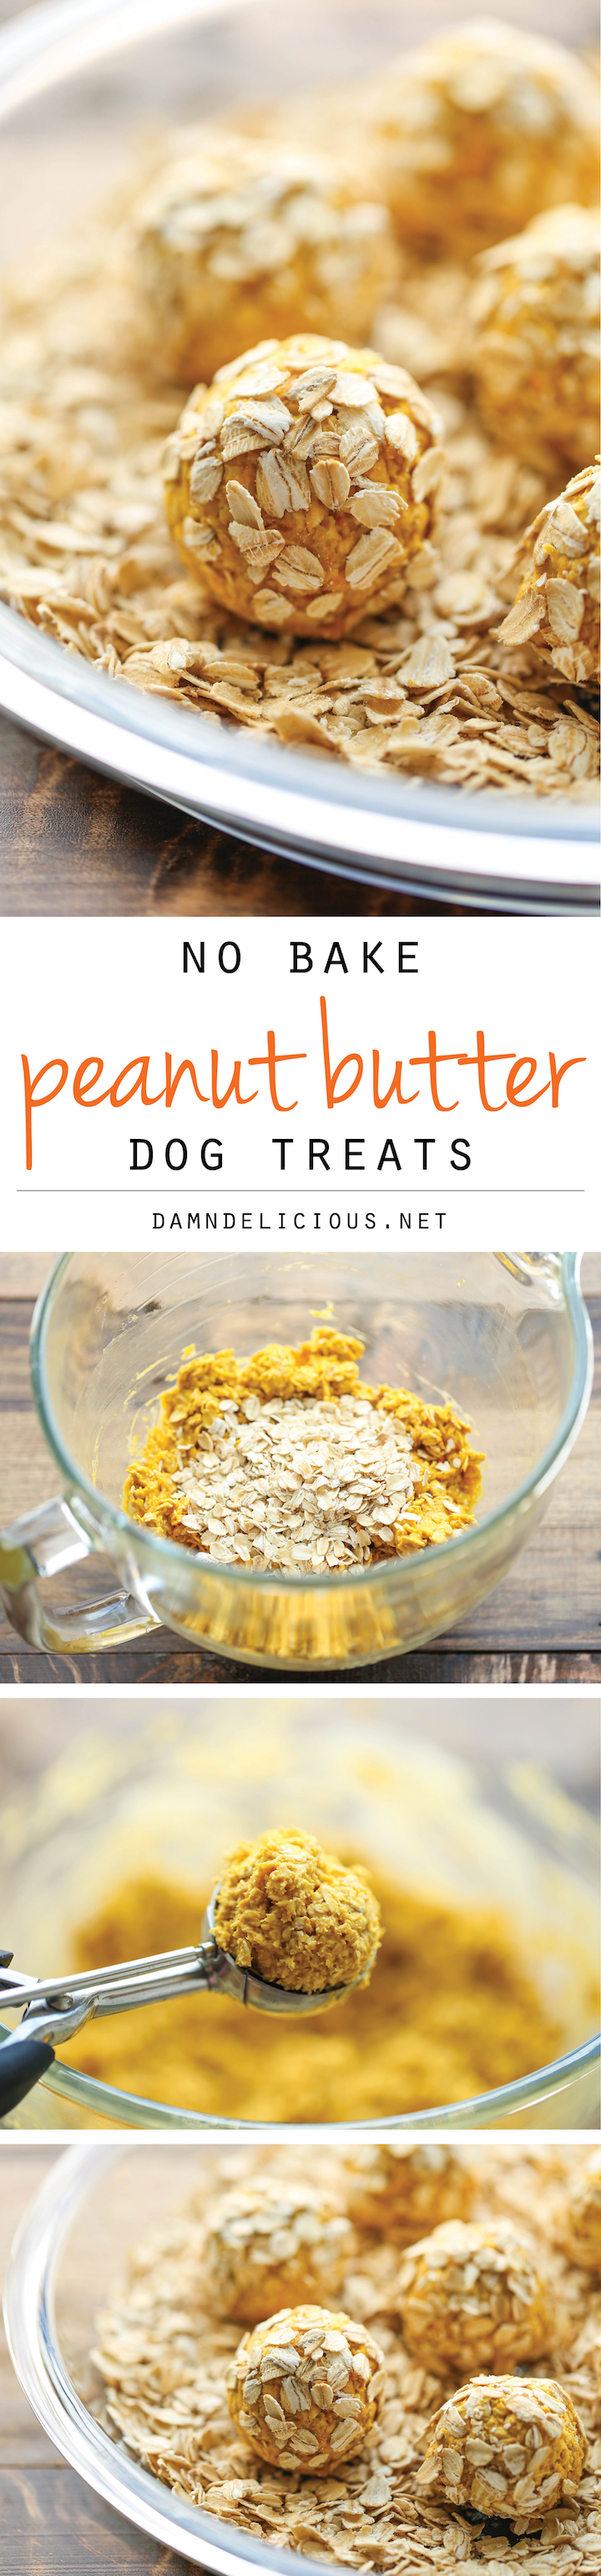 No Bake Peanut Butter Dog Treats Damn Delicious